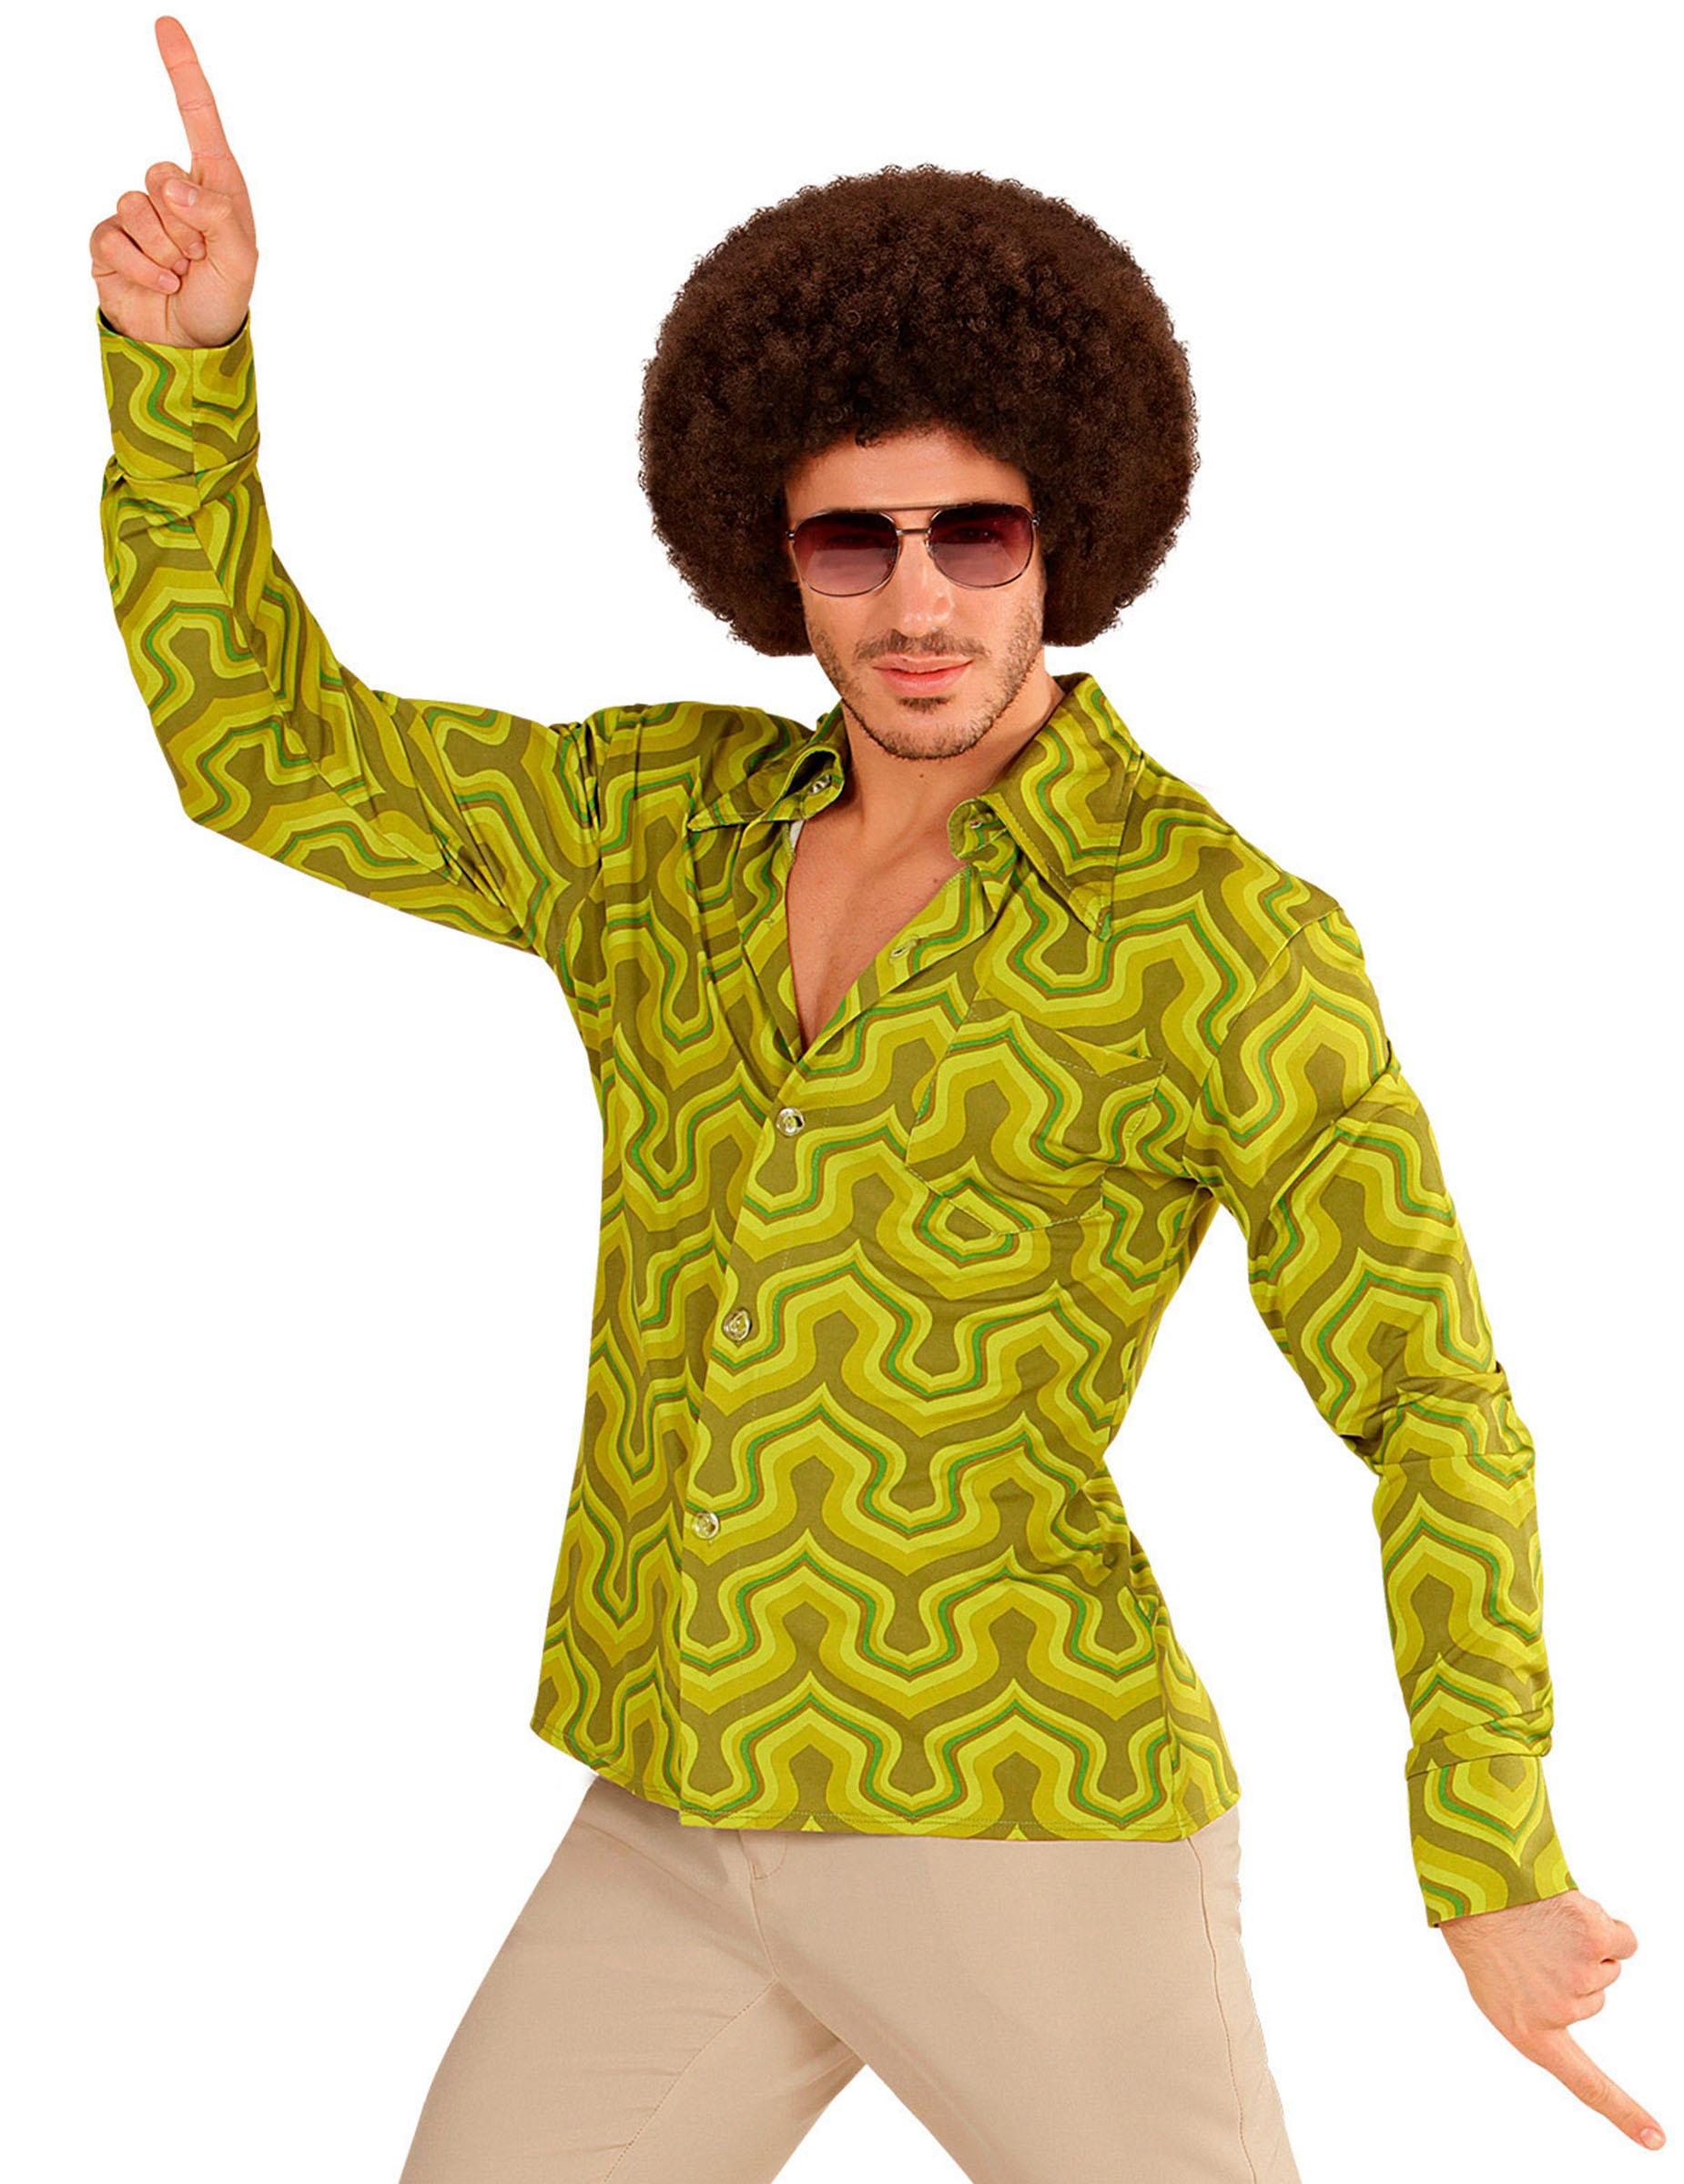 71e96afef569 Camicia verde disco anni 70 per uomo